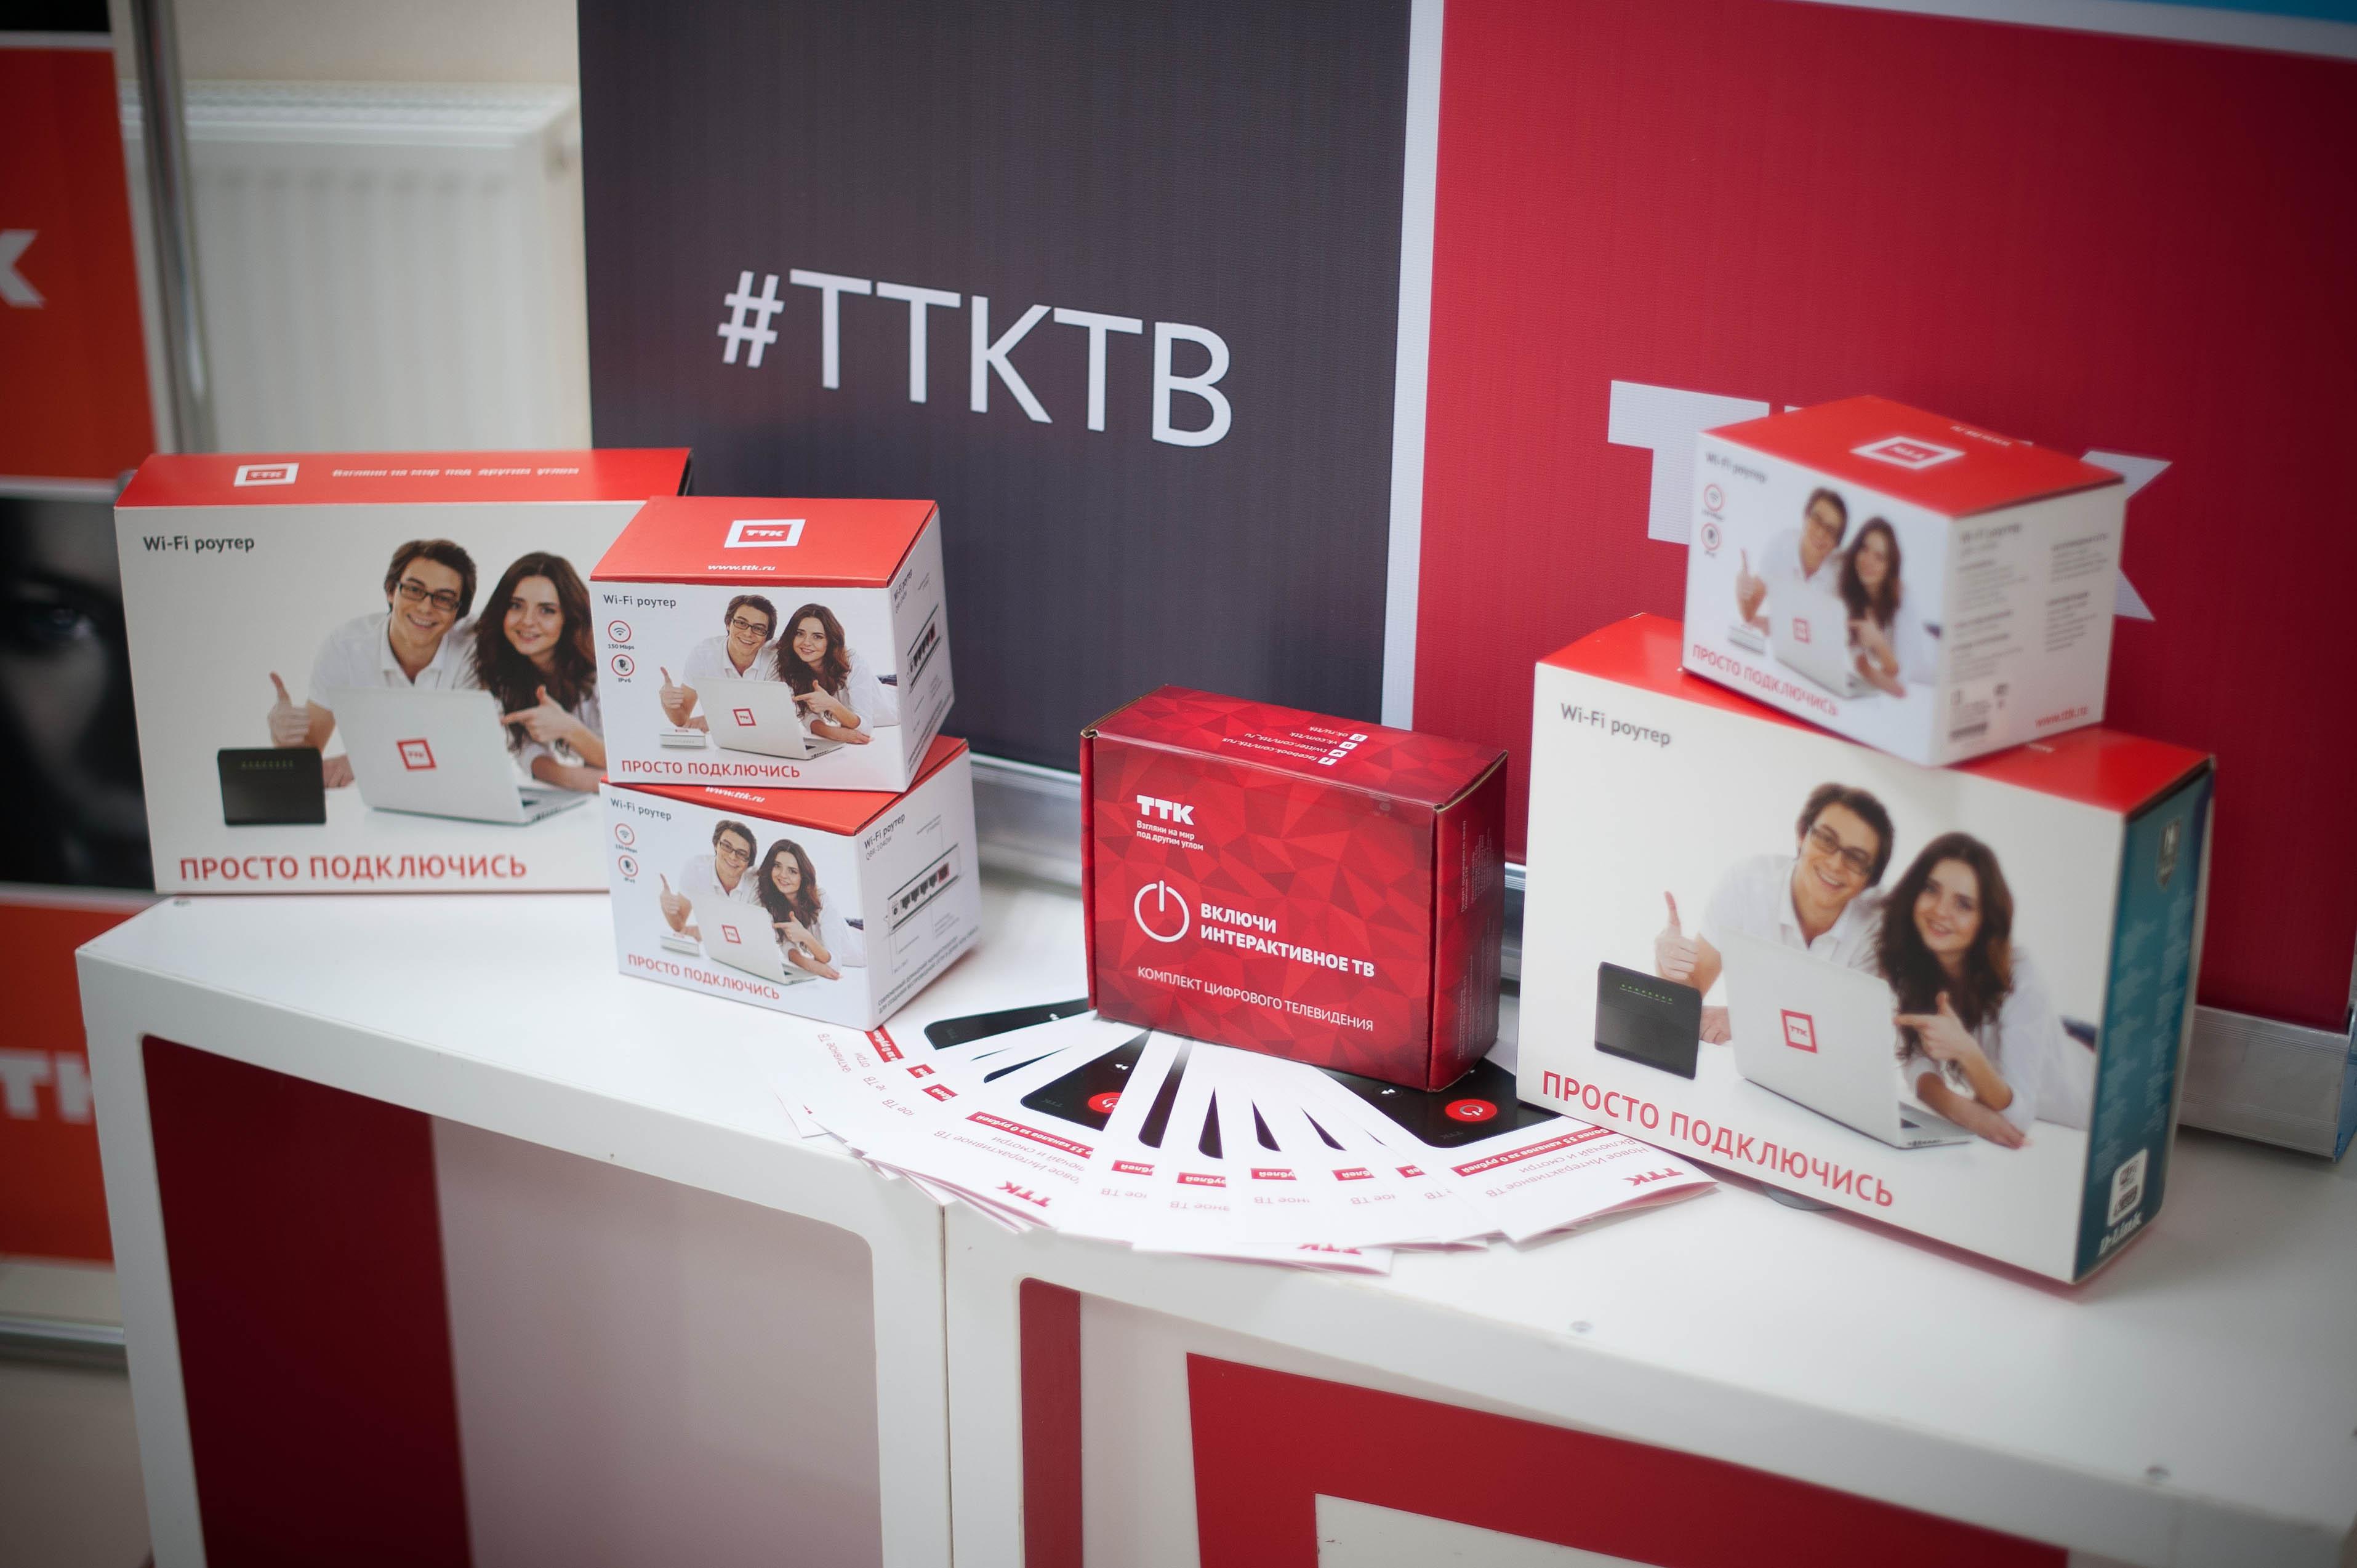 «Интерактивное телевидение» от ТТК пополнилось пакетом для любителей кино 1